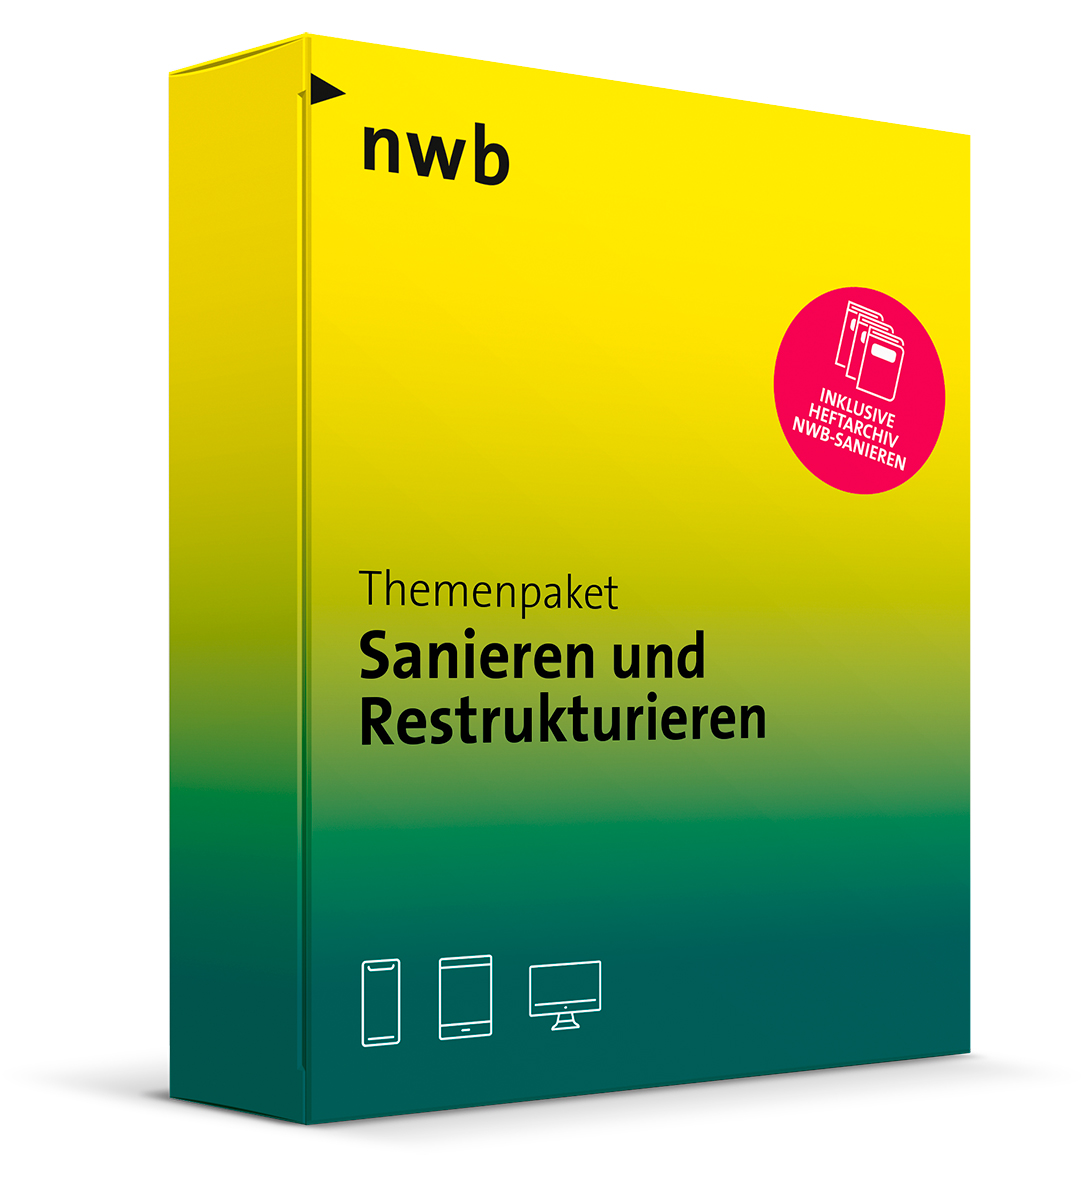 NWB Sanieren und Restrukturieren